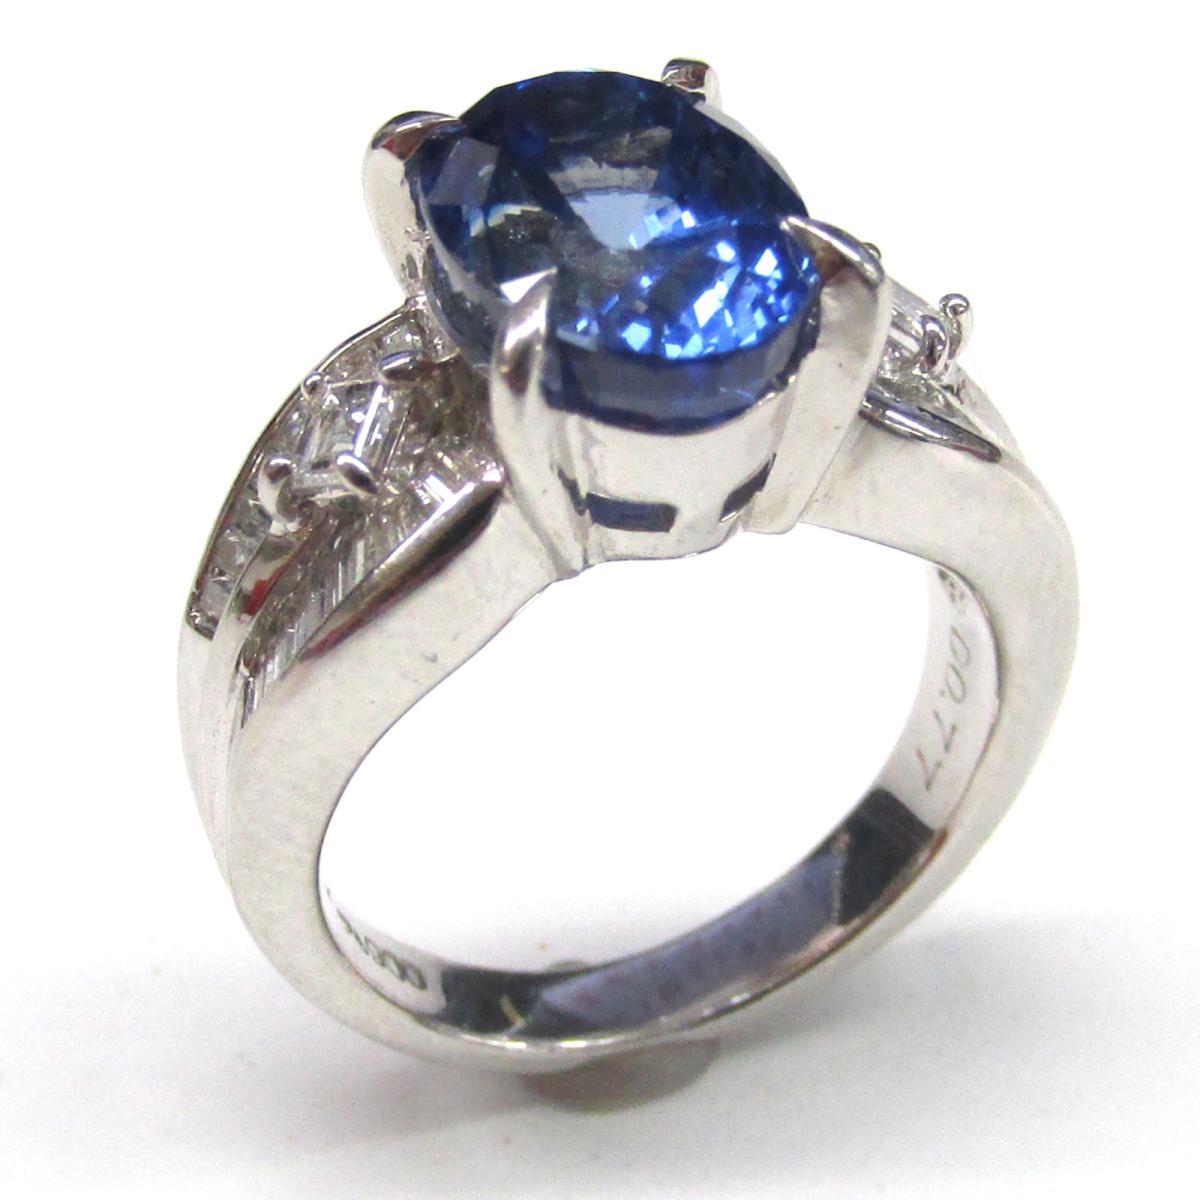 ジュエリー サファイア ダイヤモンド リング 指輪 ノーブランドジュエリー レディース PT900 プラチナ x (5.367ct) x (0.77ct) 【中古】 | JEWELRY BRANDOFF ブランドオフ ブランド アクセサリー